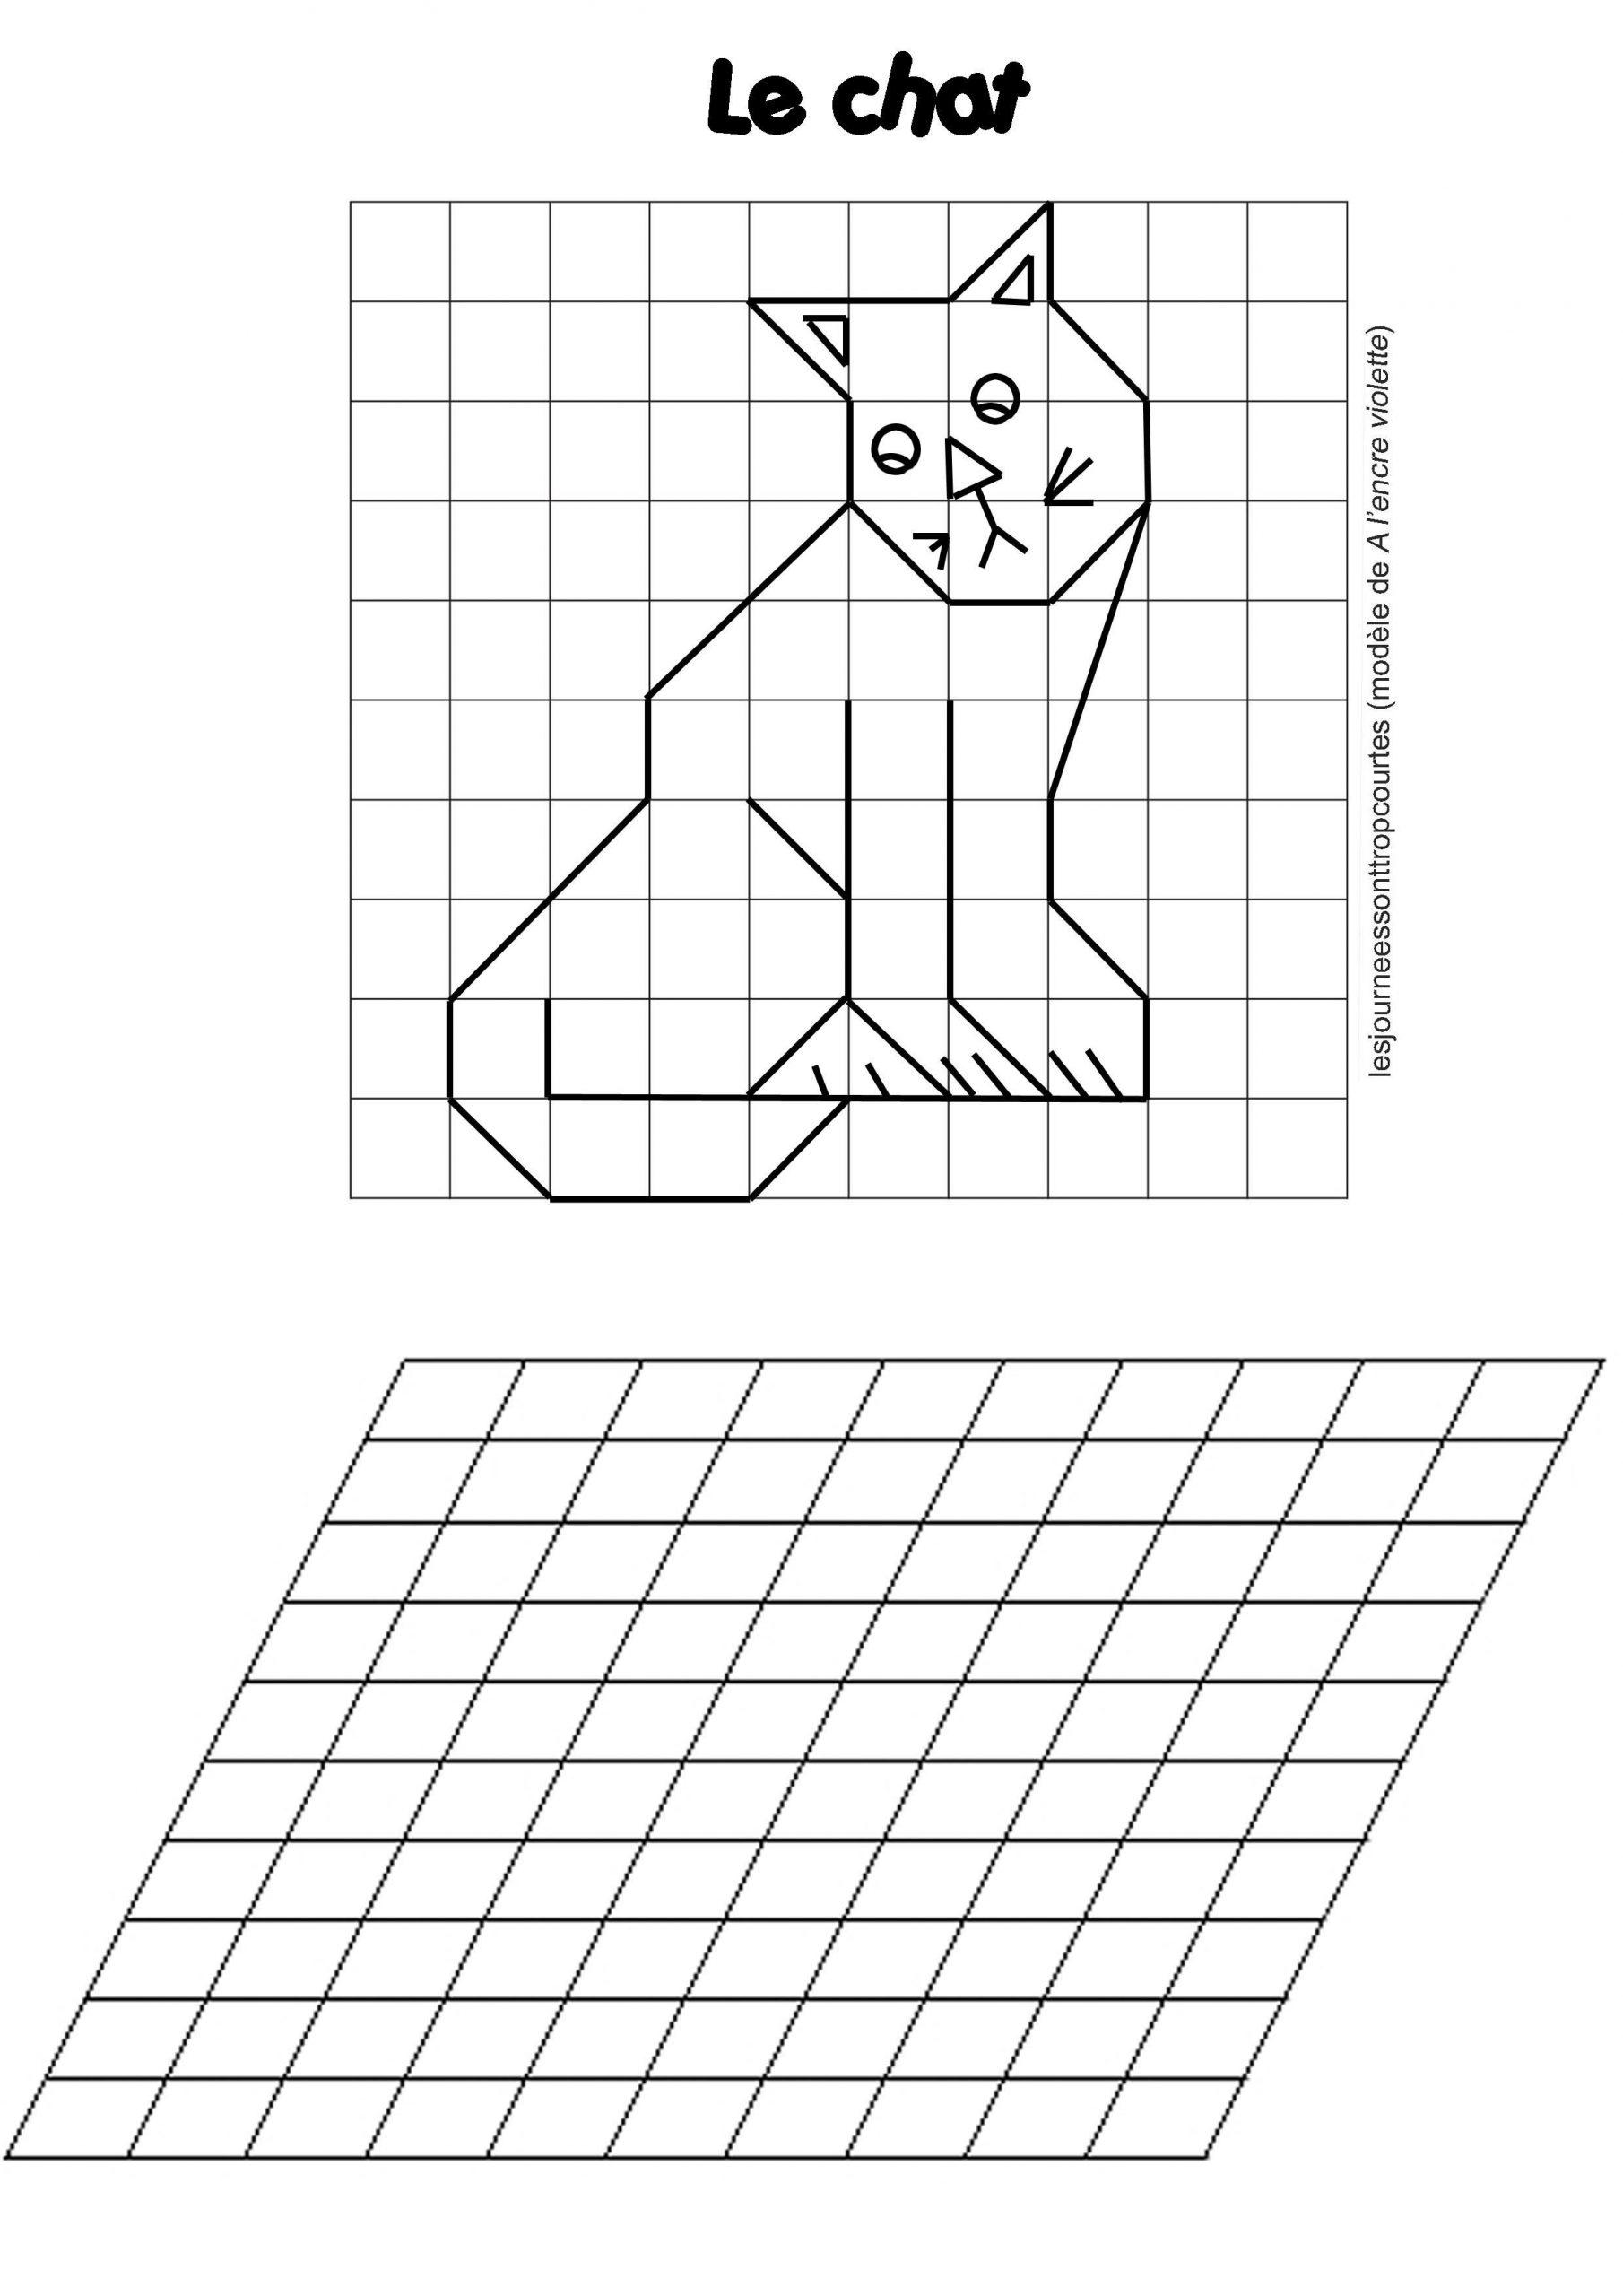 Reproduction De Figures | Dessin Quadrillage, Reproduction destiné Dessin Sur Quadrillage